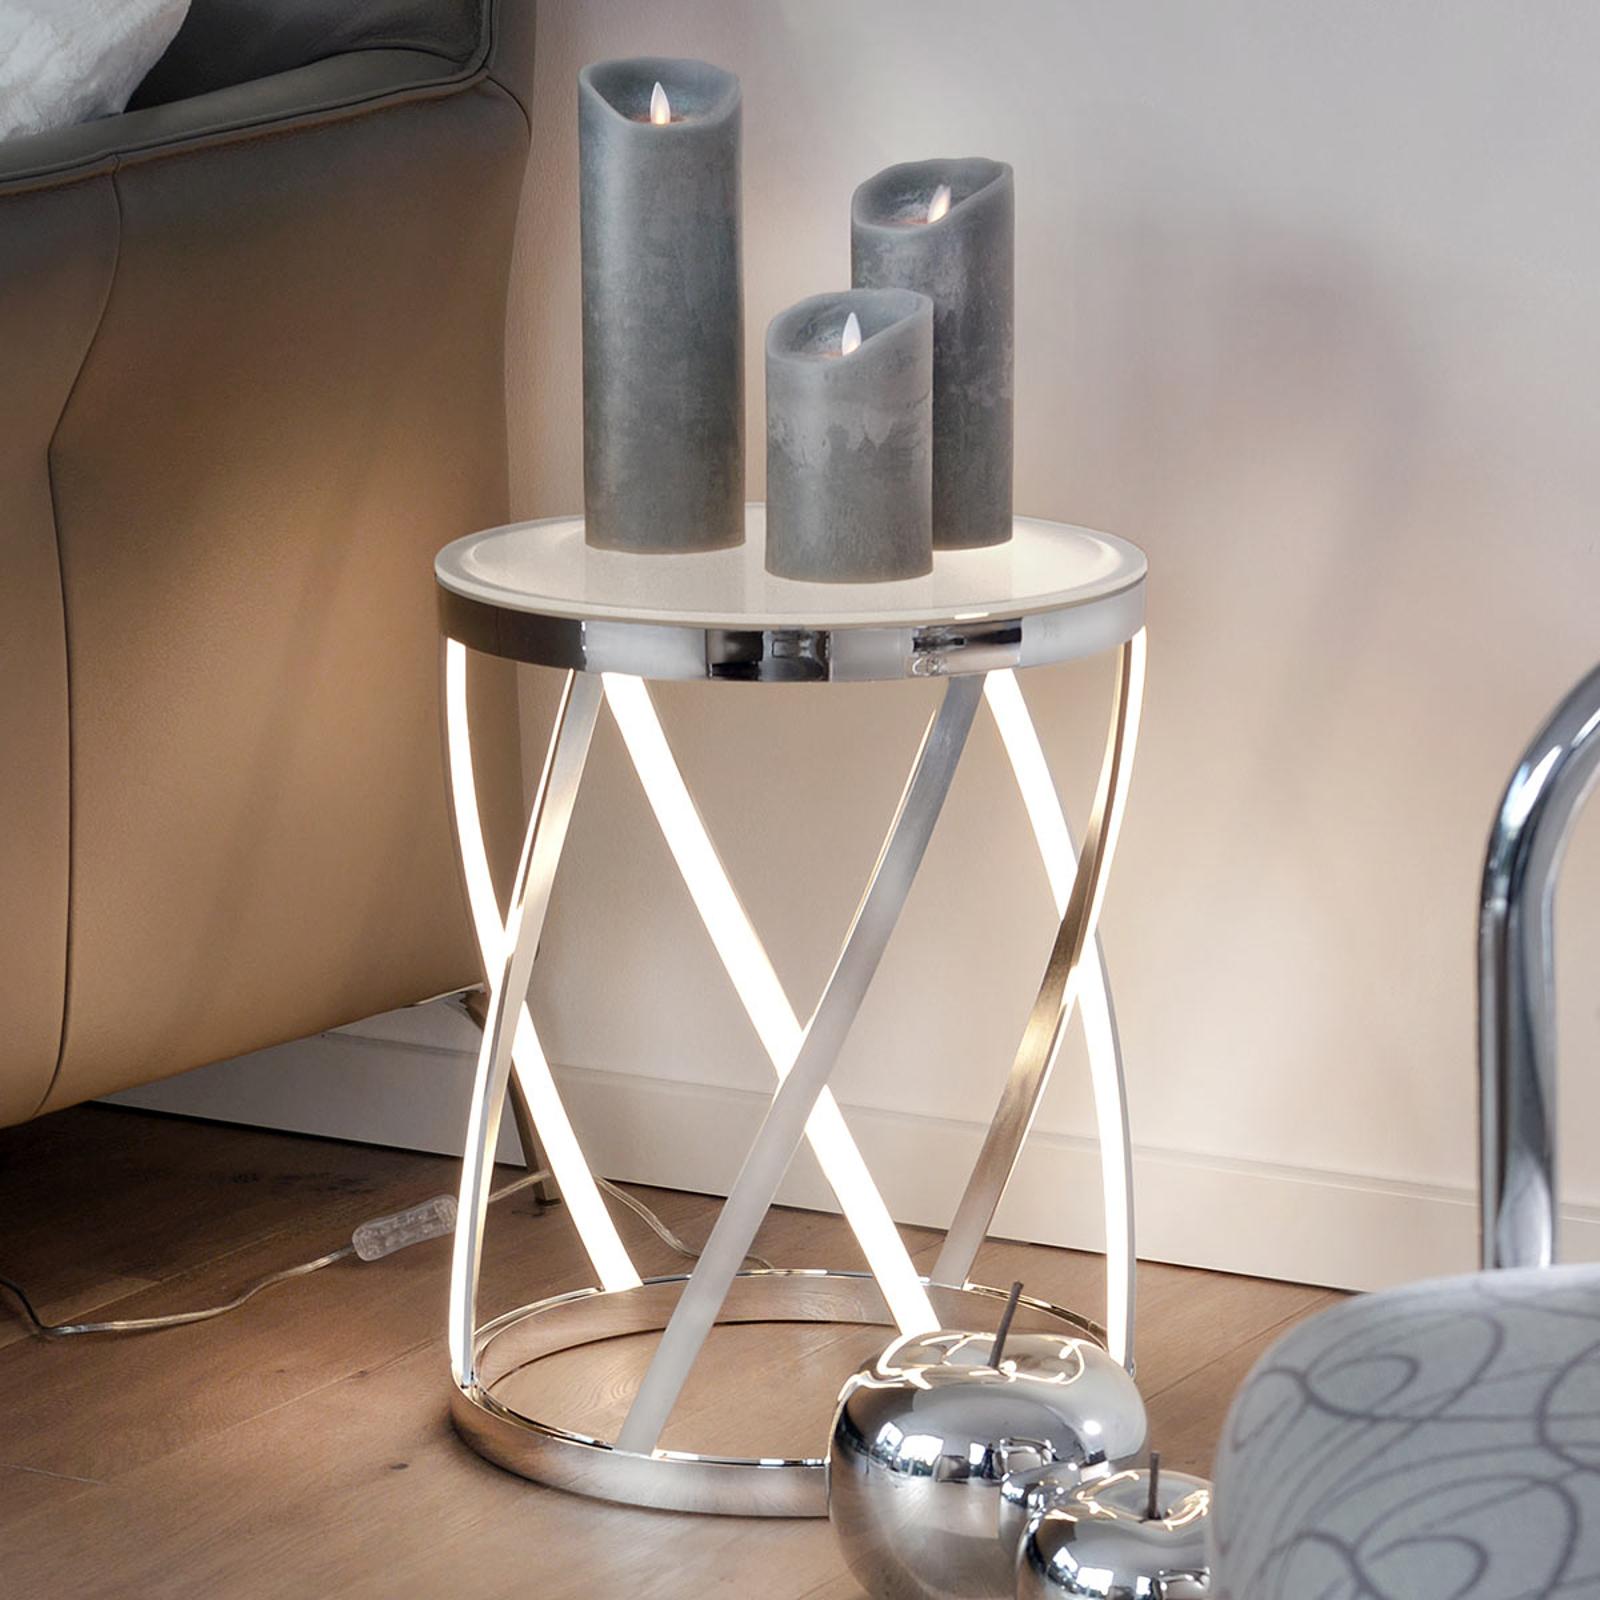 Rumpu - valaisin ja sivupöytä yhdessä